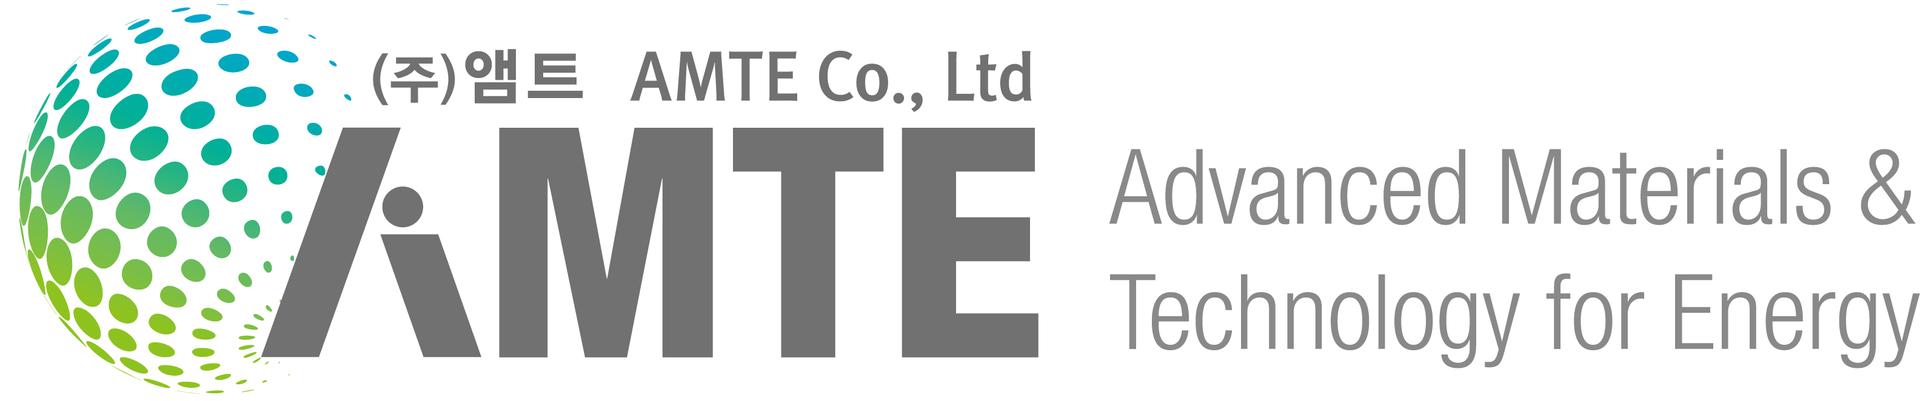 amte logo.png